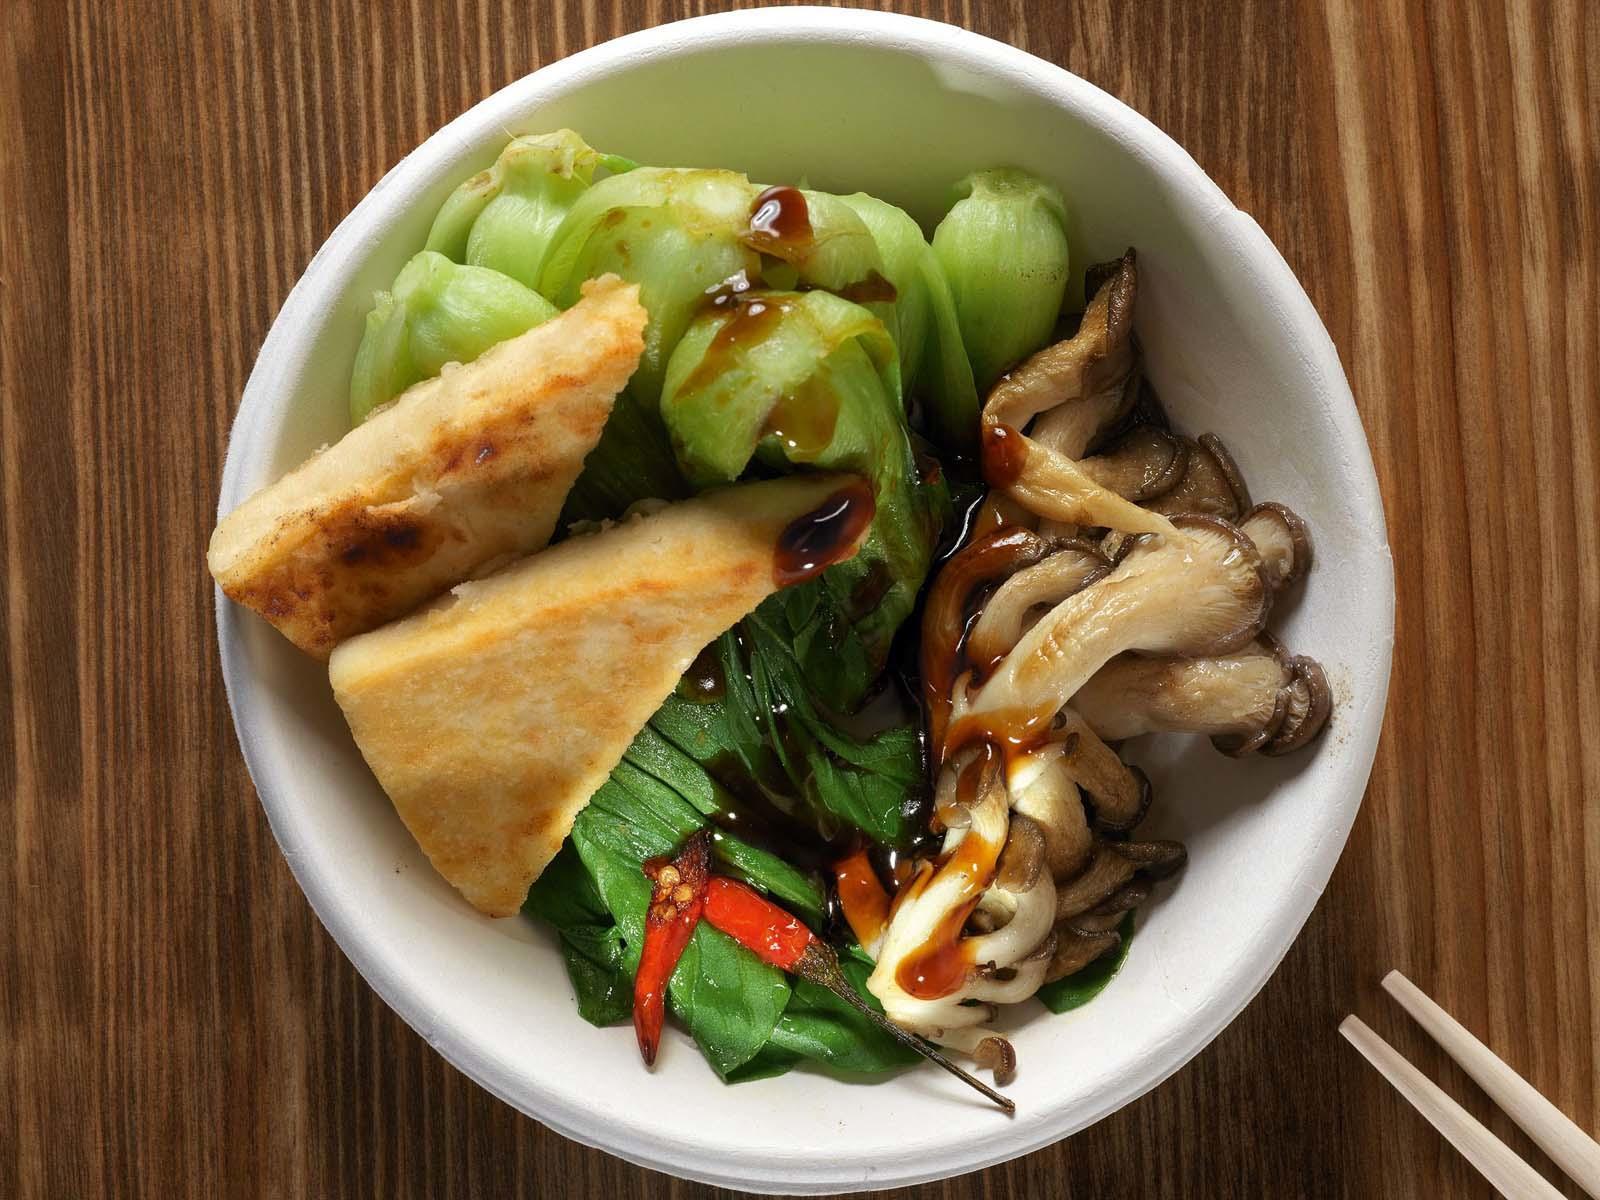 всех китайская кухня рецепты с фото салаты выходки сцене лишь